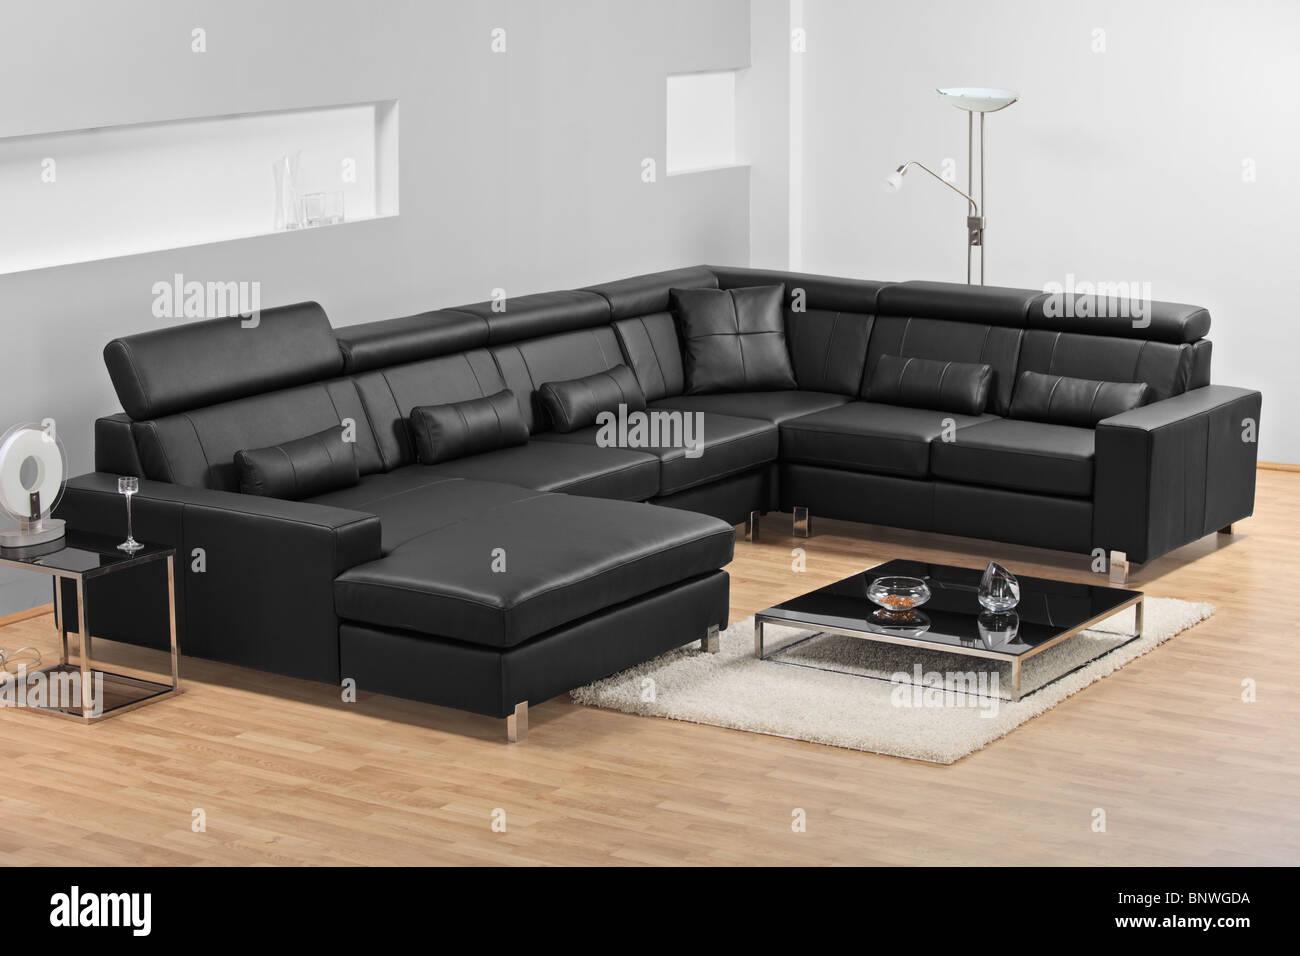 Una vista de un moderno apartamento con sofá de cuero negro. Imagen De Stock